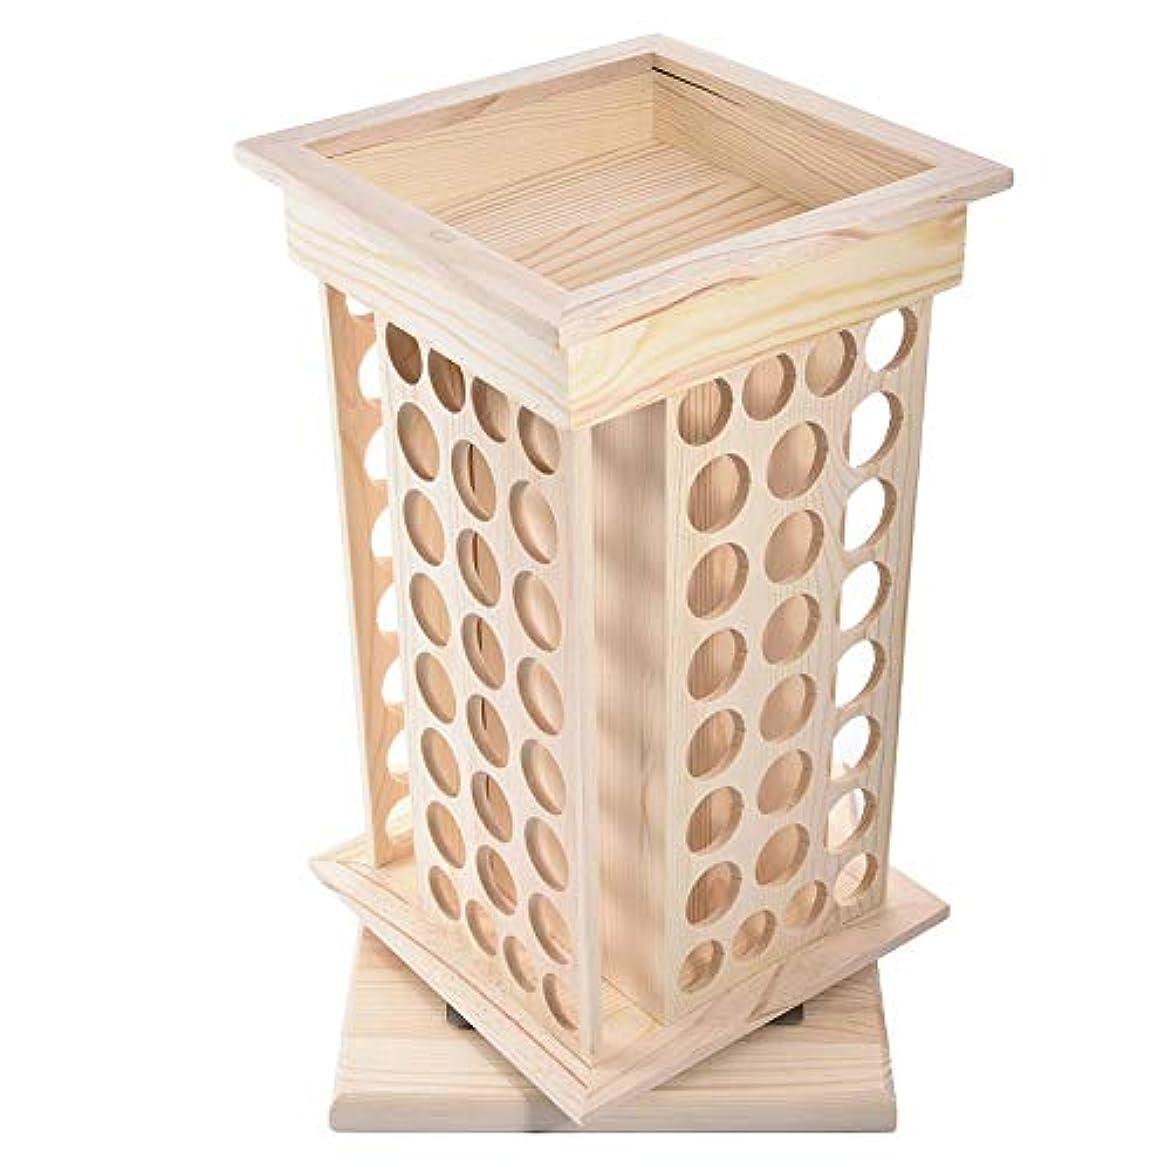 文献自治的広範囲Pursue アロマオイルスタンド 精油収納 香水展示スタンド エッセンシャルオイル収納 木製 104本用